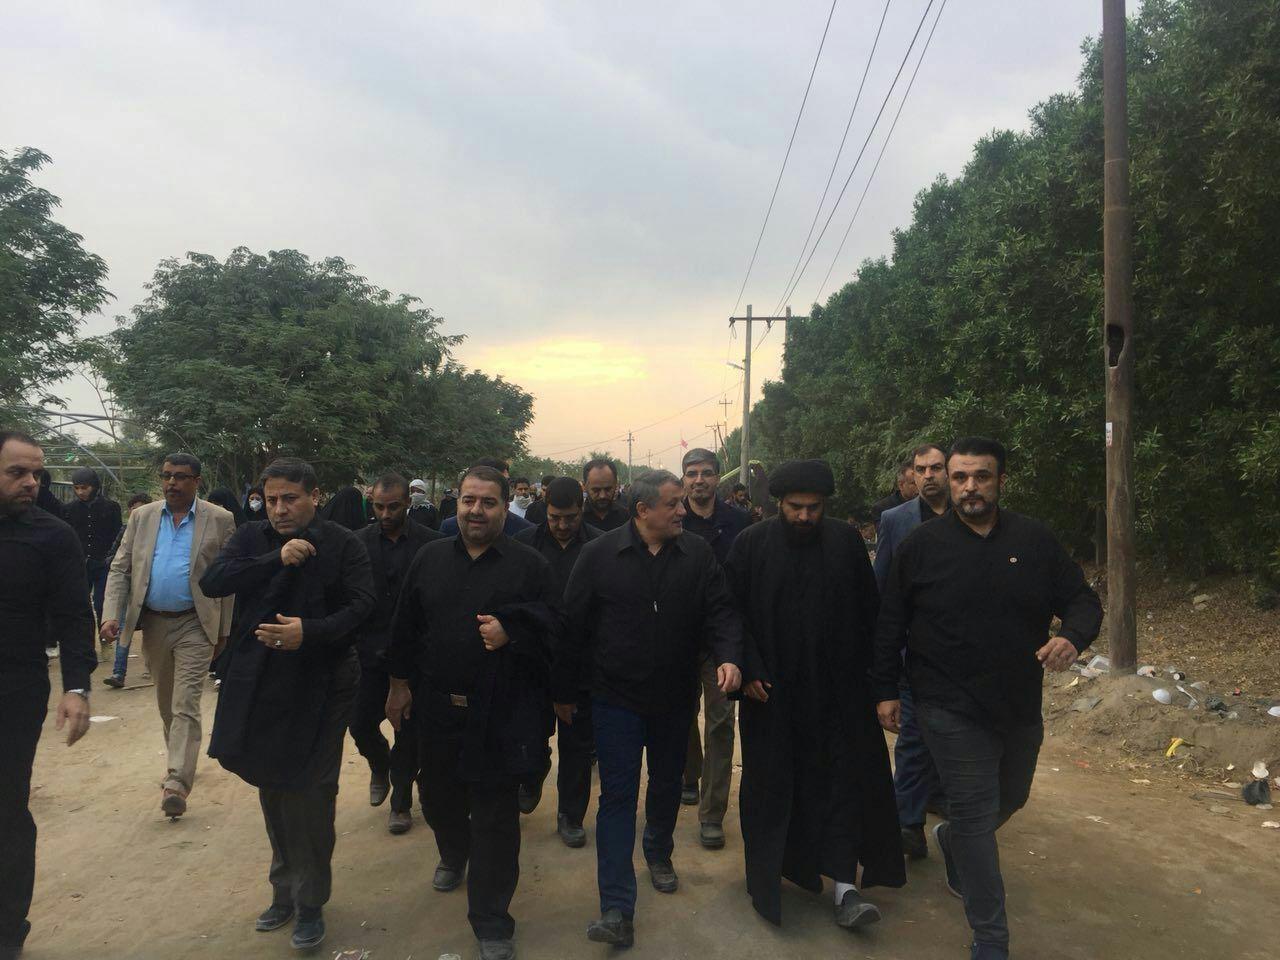 تصاویر | محسن هاشمی، علی نیکزاد و محمد حسینی در مسیر کربلا